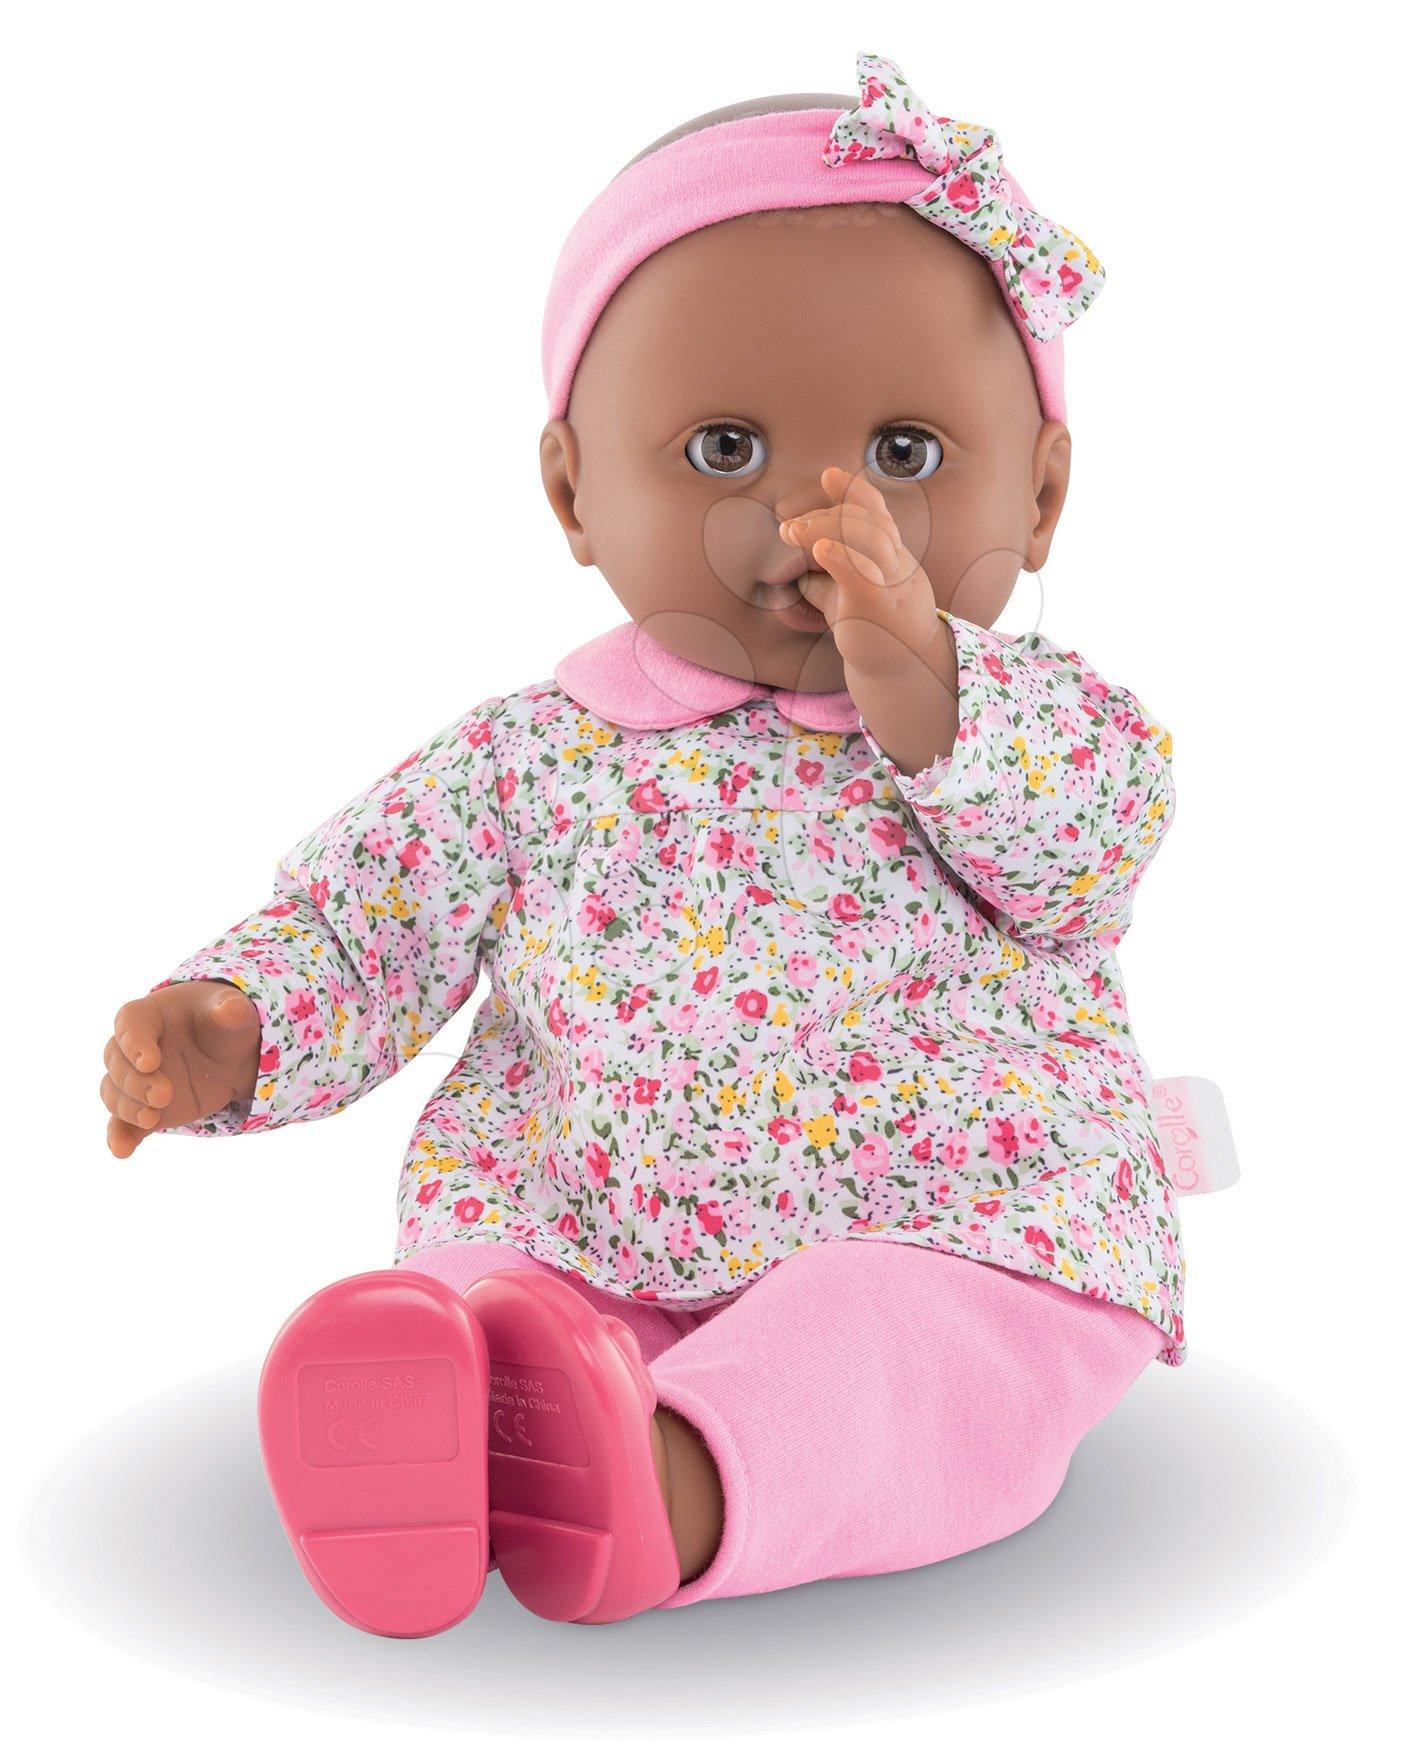 Panenky od 24 měsíců - Panenka Lilou Floral Mon Grand Poupon Corolle 36 cm s hnědými mrkacími očima od 24 měs